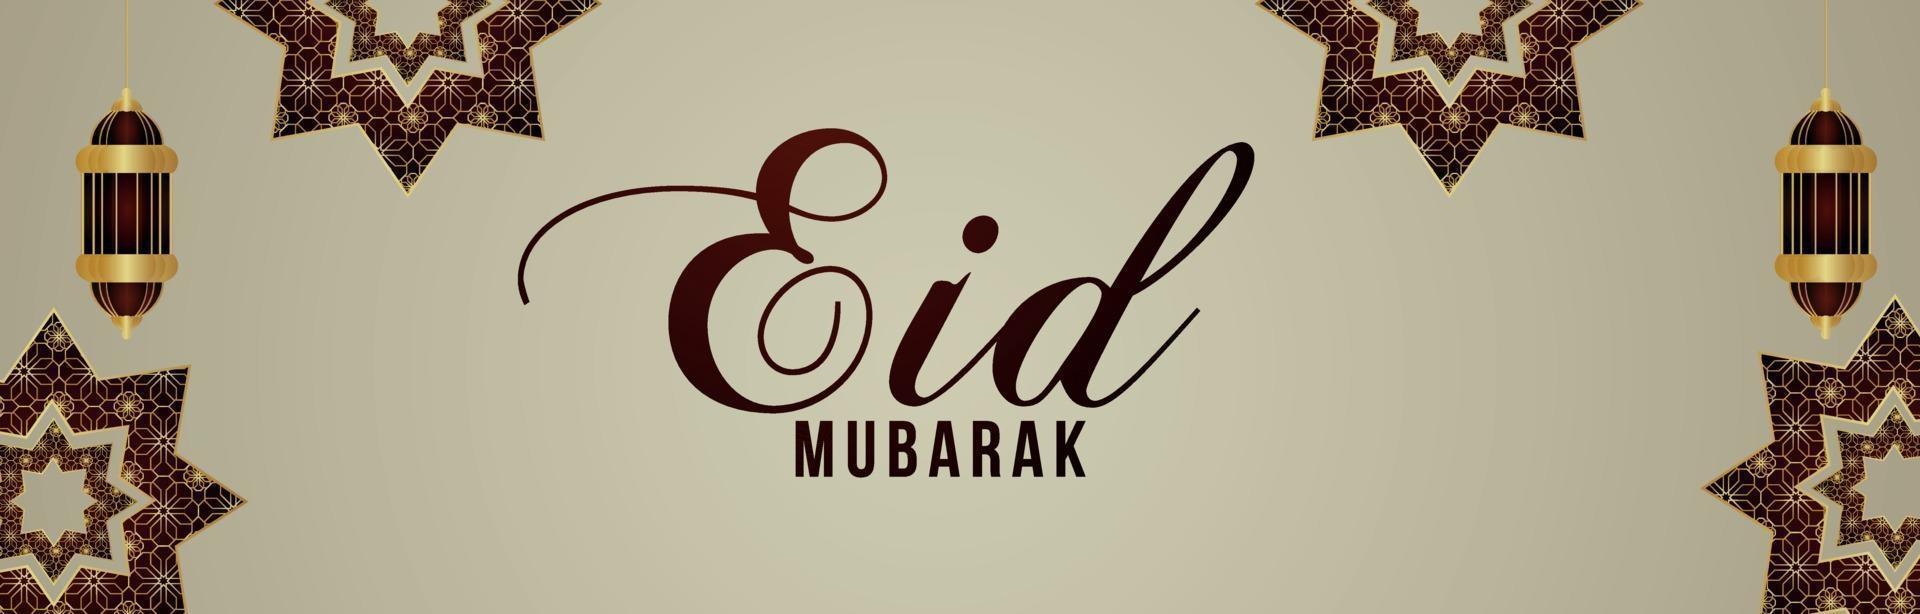 realistisk eid mubarak inbjudan banner med gyllene lykta på mönster bakgrund vektor